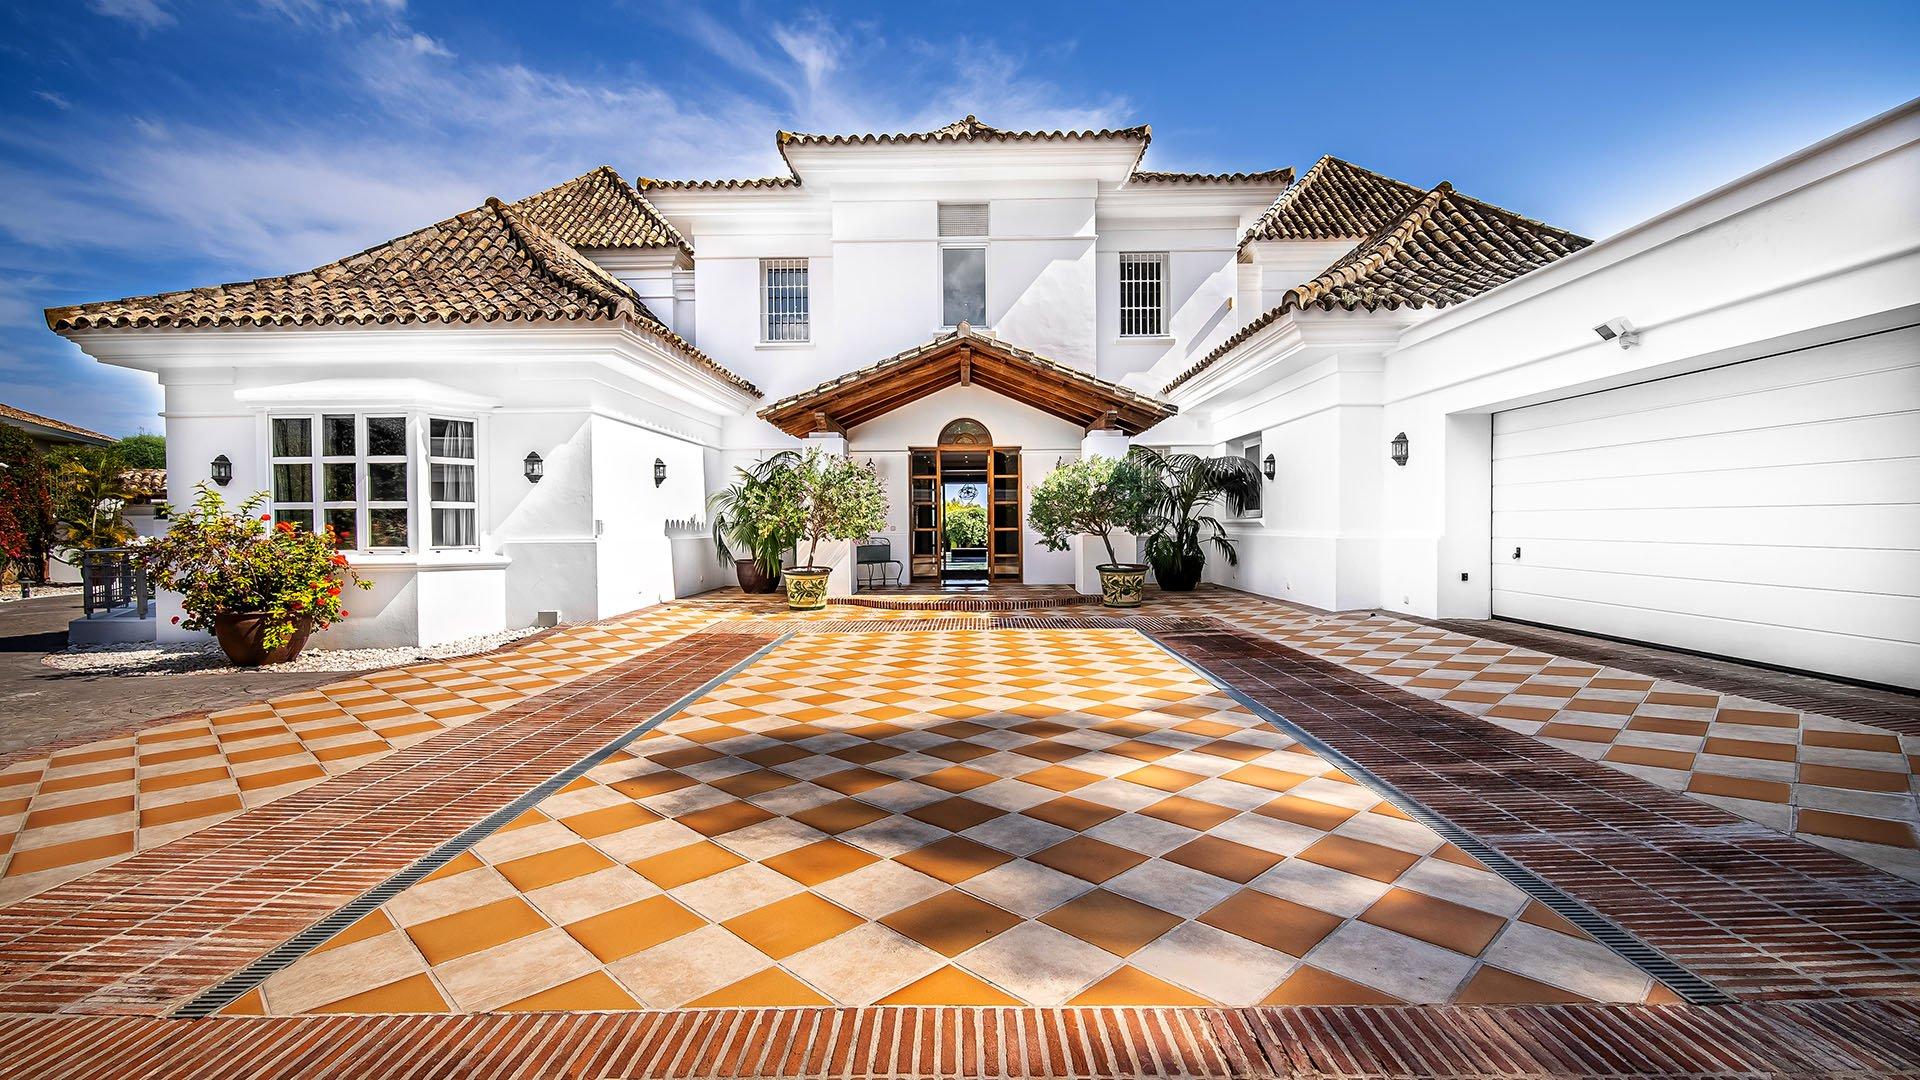 Pleyades 6: Klassieke Andalusische villa in het hart van de Golf Vallei